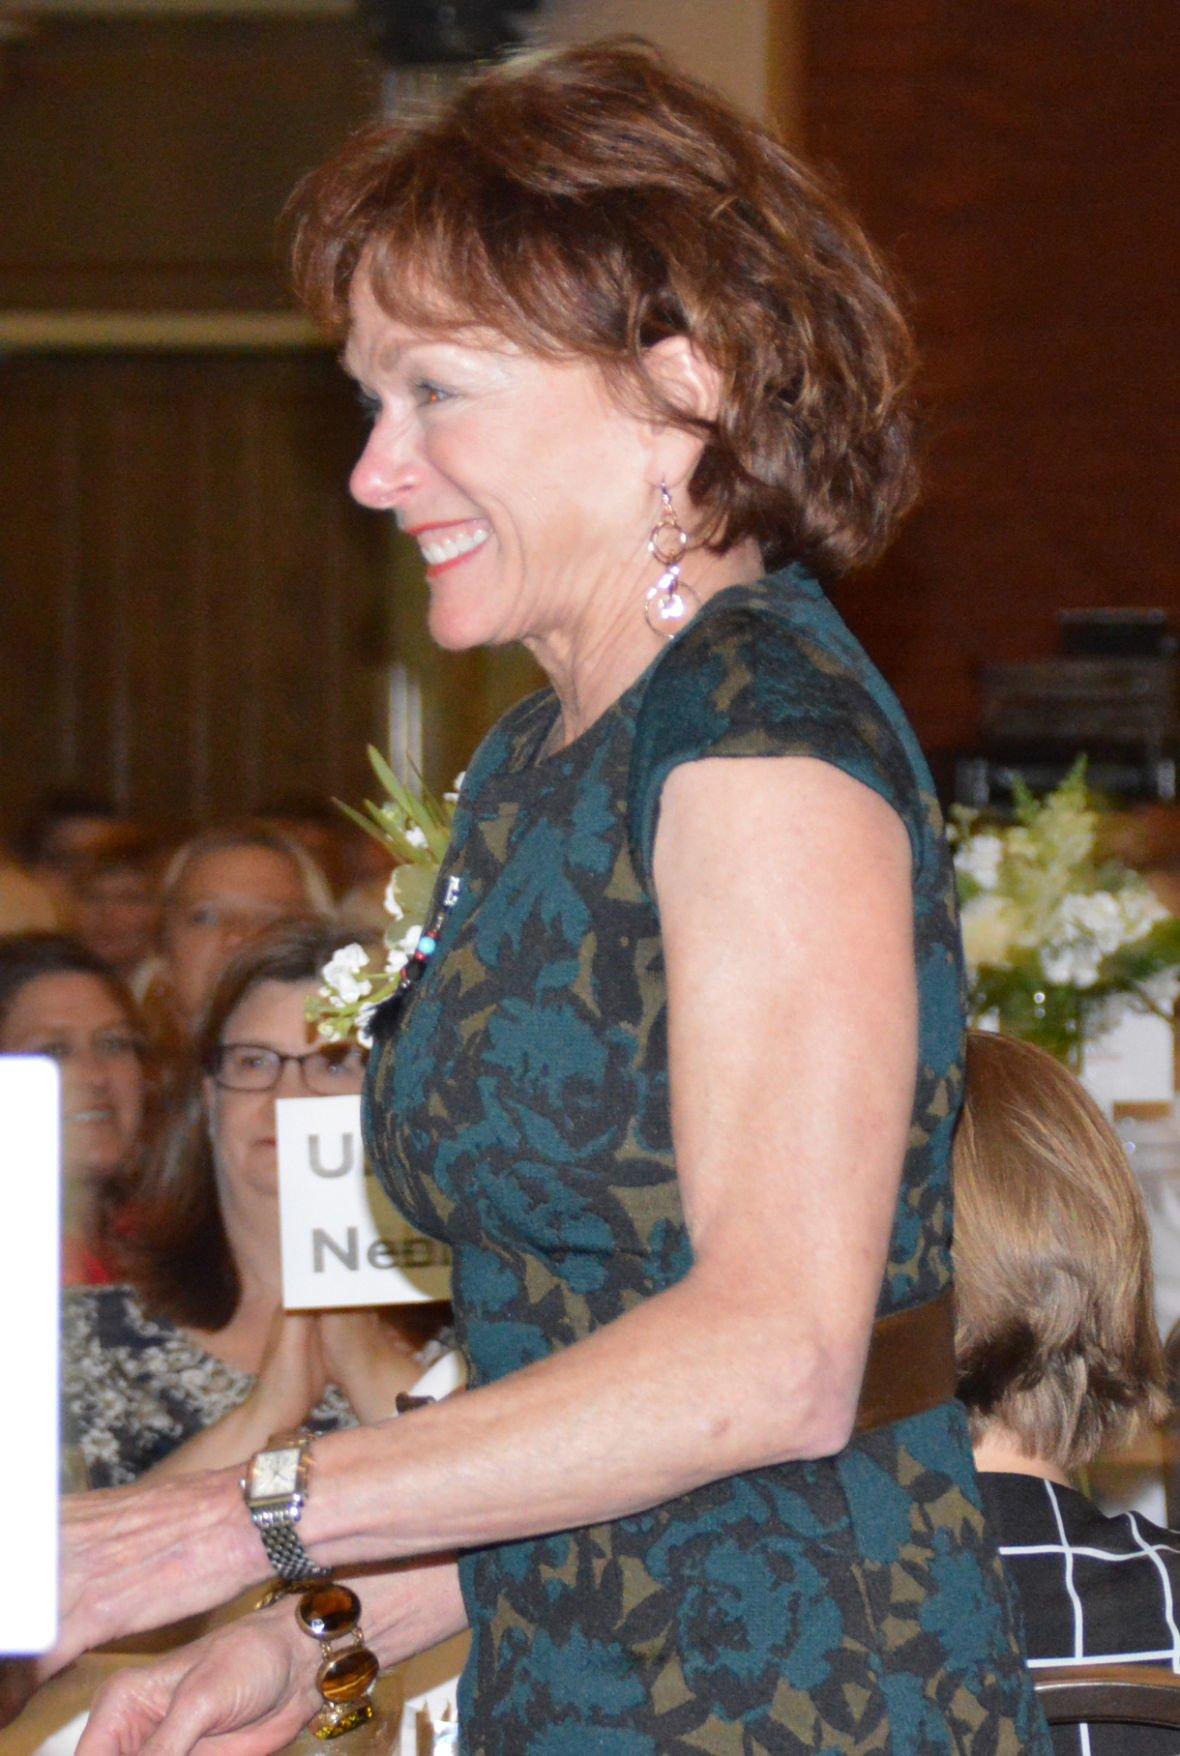 Kathy LeBaron walks up to stage